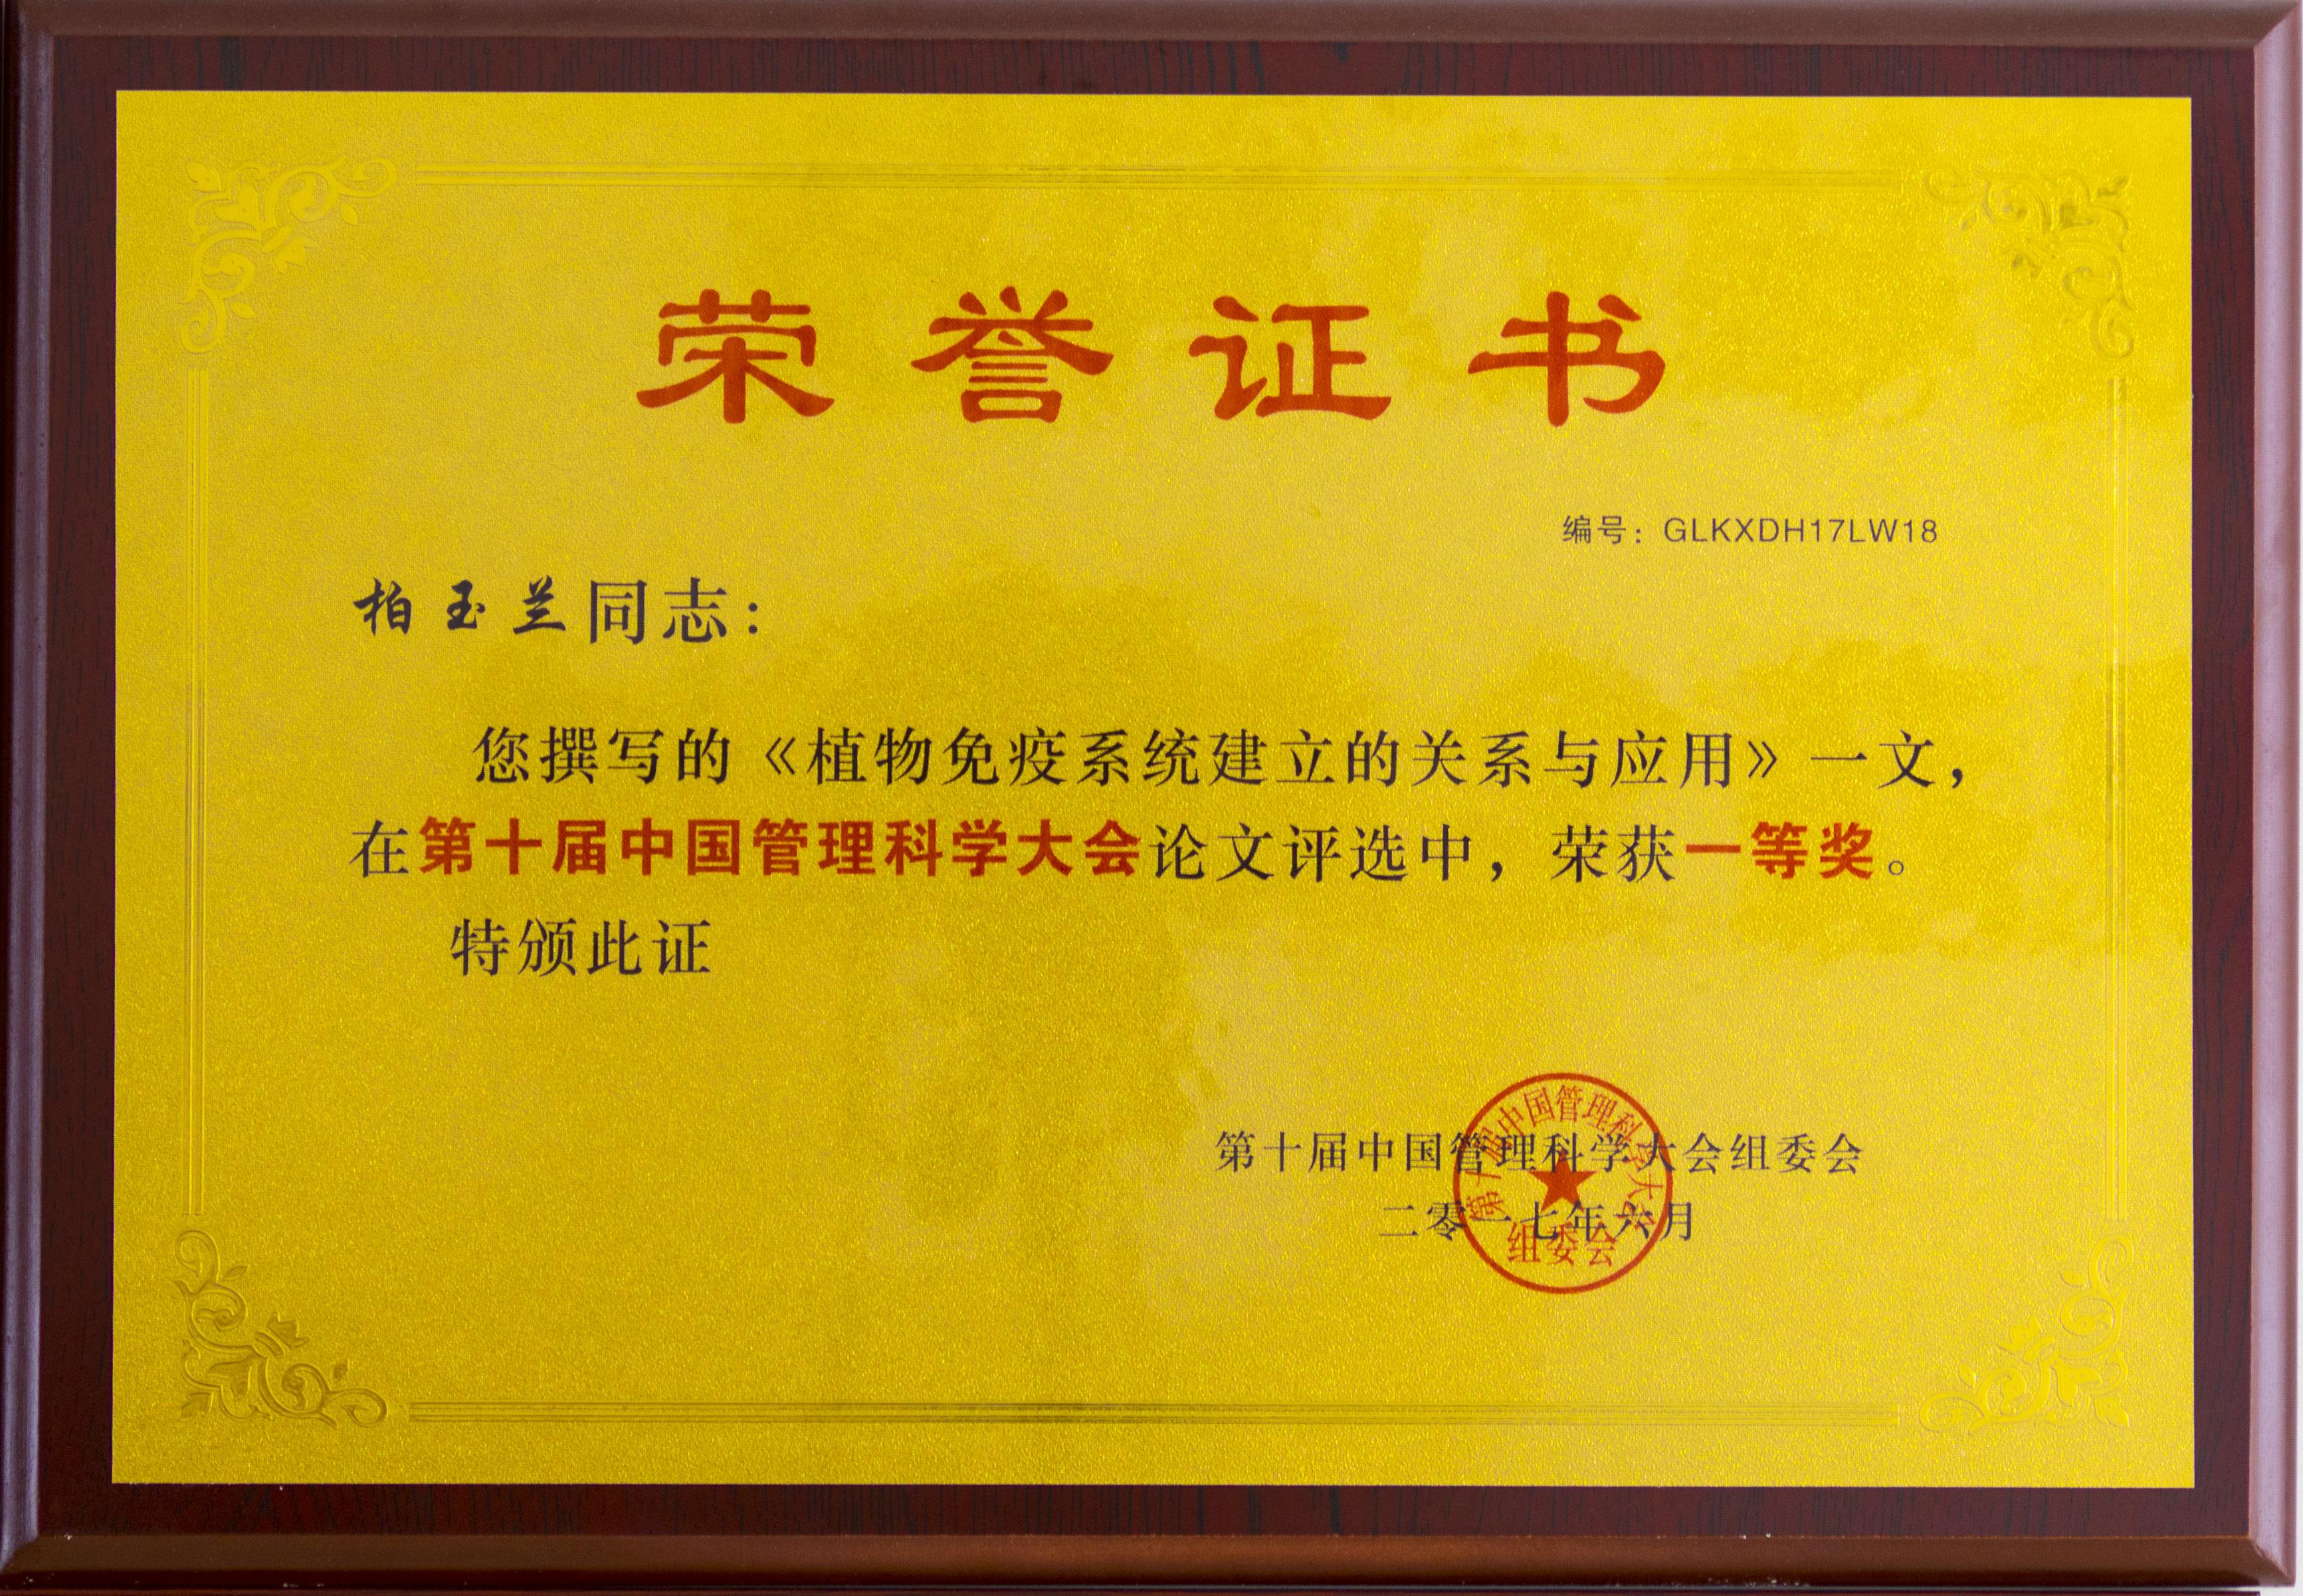 十届管理科学大会荣誉证书